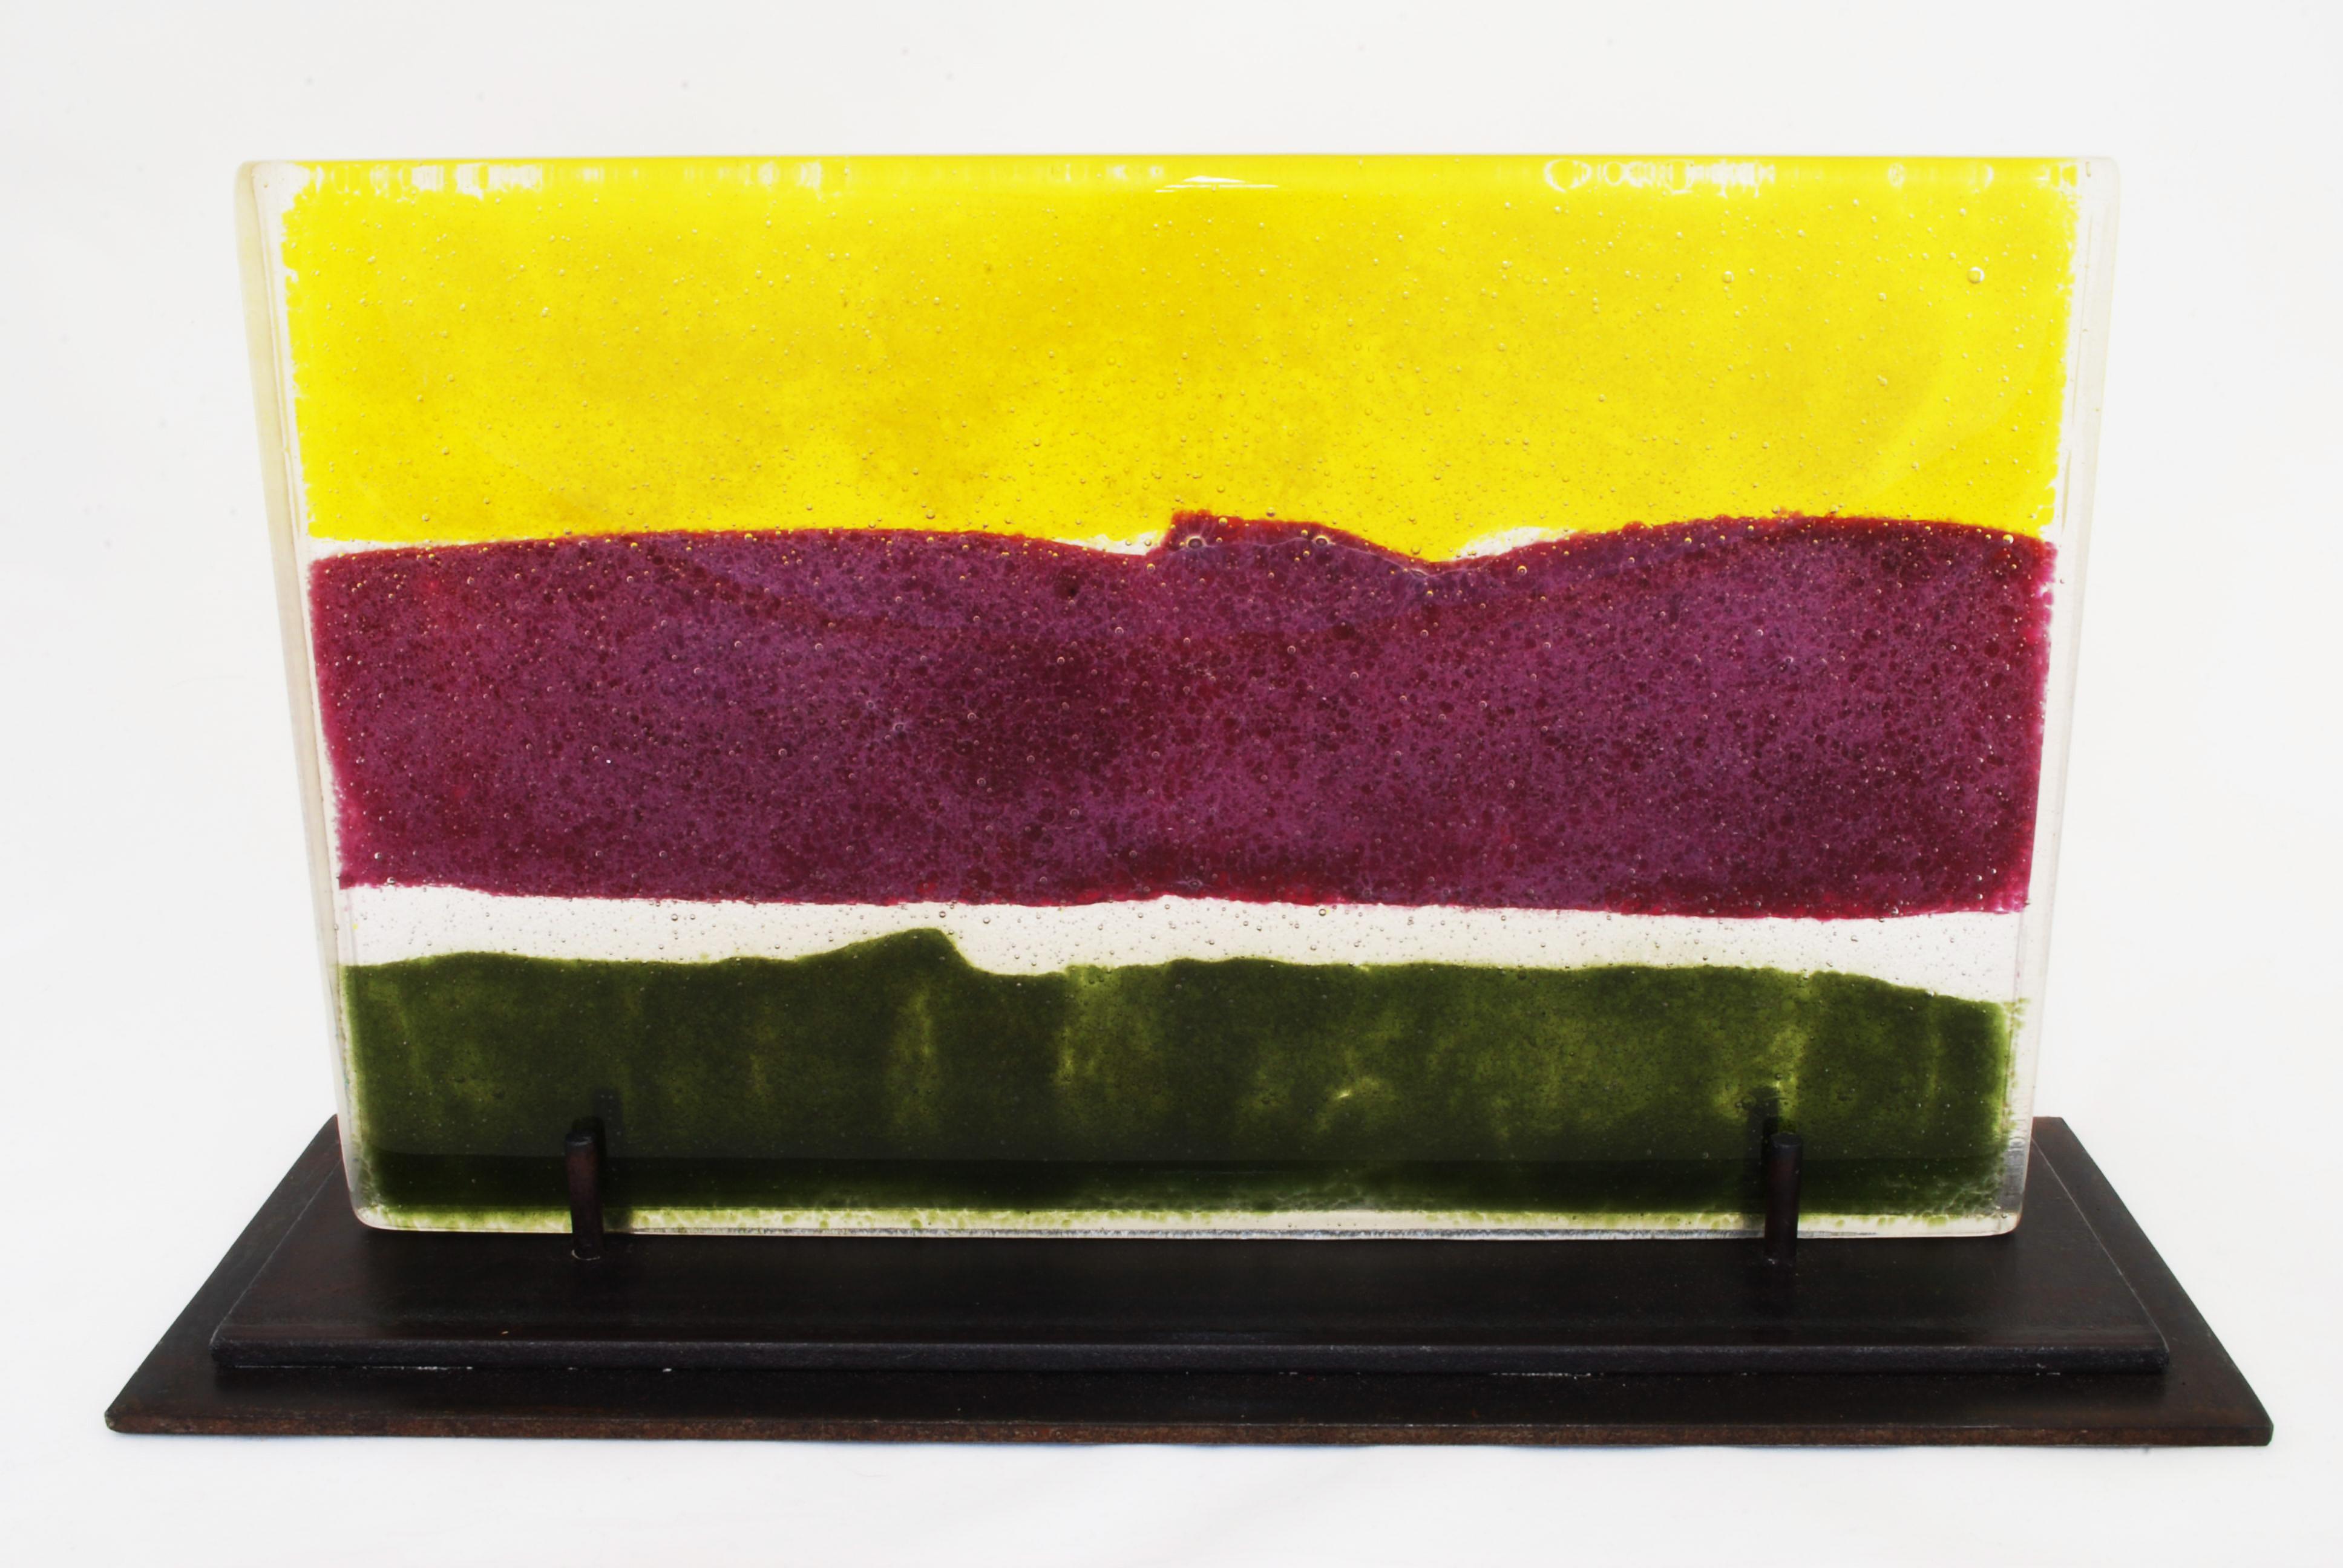 Landscape, glass sculpture